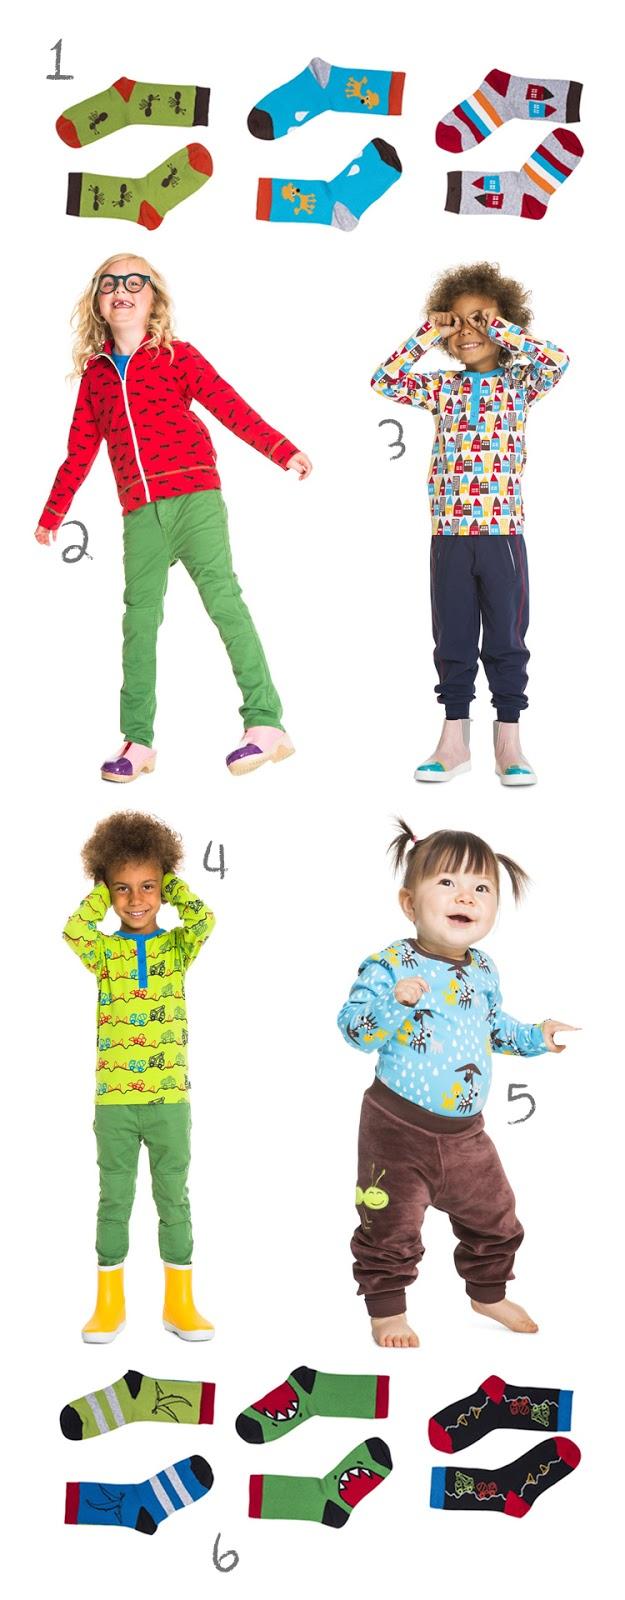 me&i meandi miikkari aw2016 syysmallisto lasten vaatteet lapsille